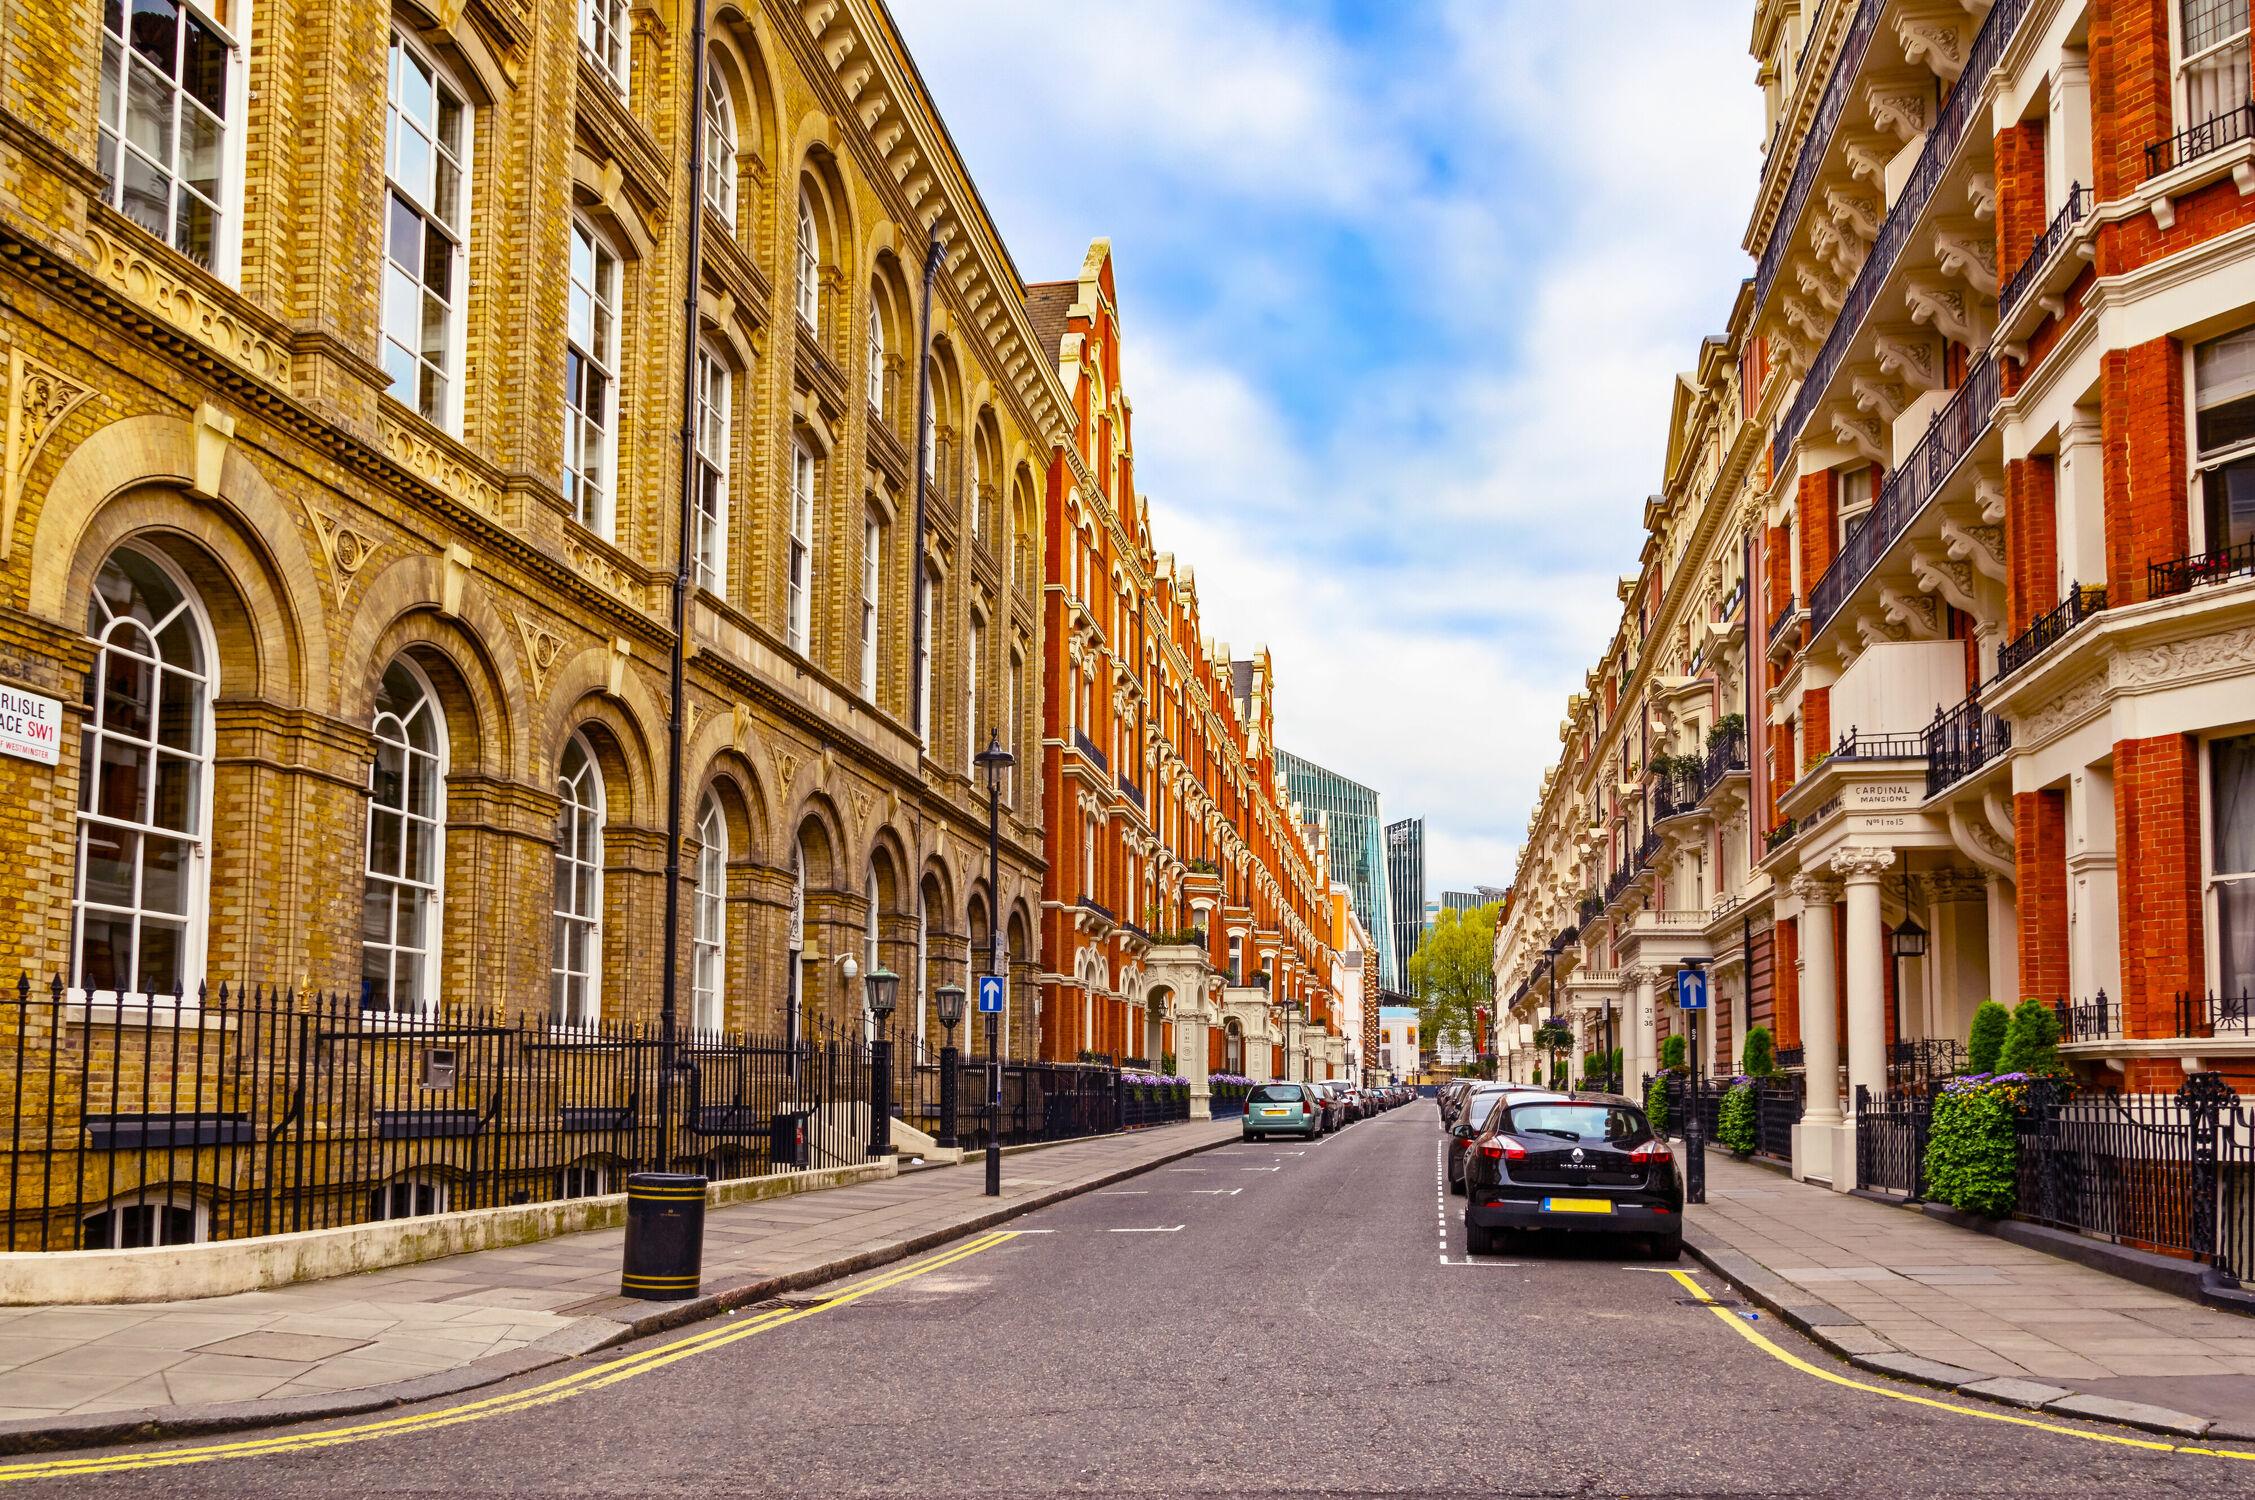 Bild mit Autos, Architektur, Gebäude, Häuser, England, London, Haus, Strasse, Stadt, Blauer Himmel, Stadtansichten, Tourismus, Weltstadt, Westminster, Strassenansicht, Streetfotografie, UK